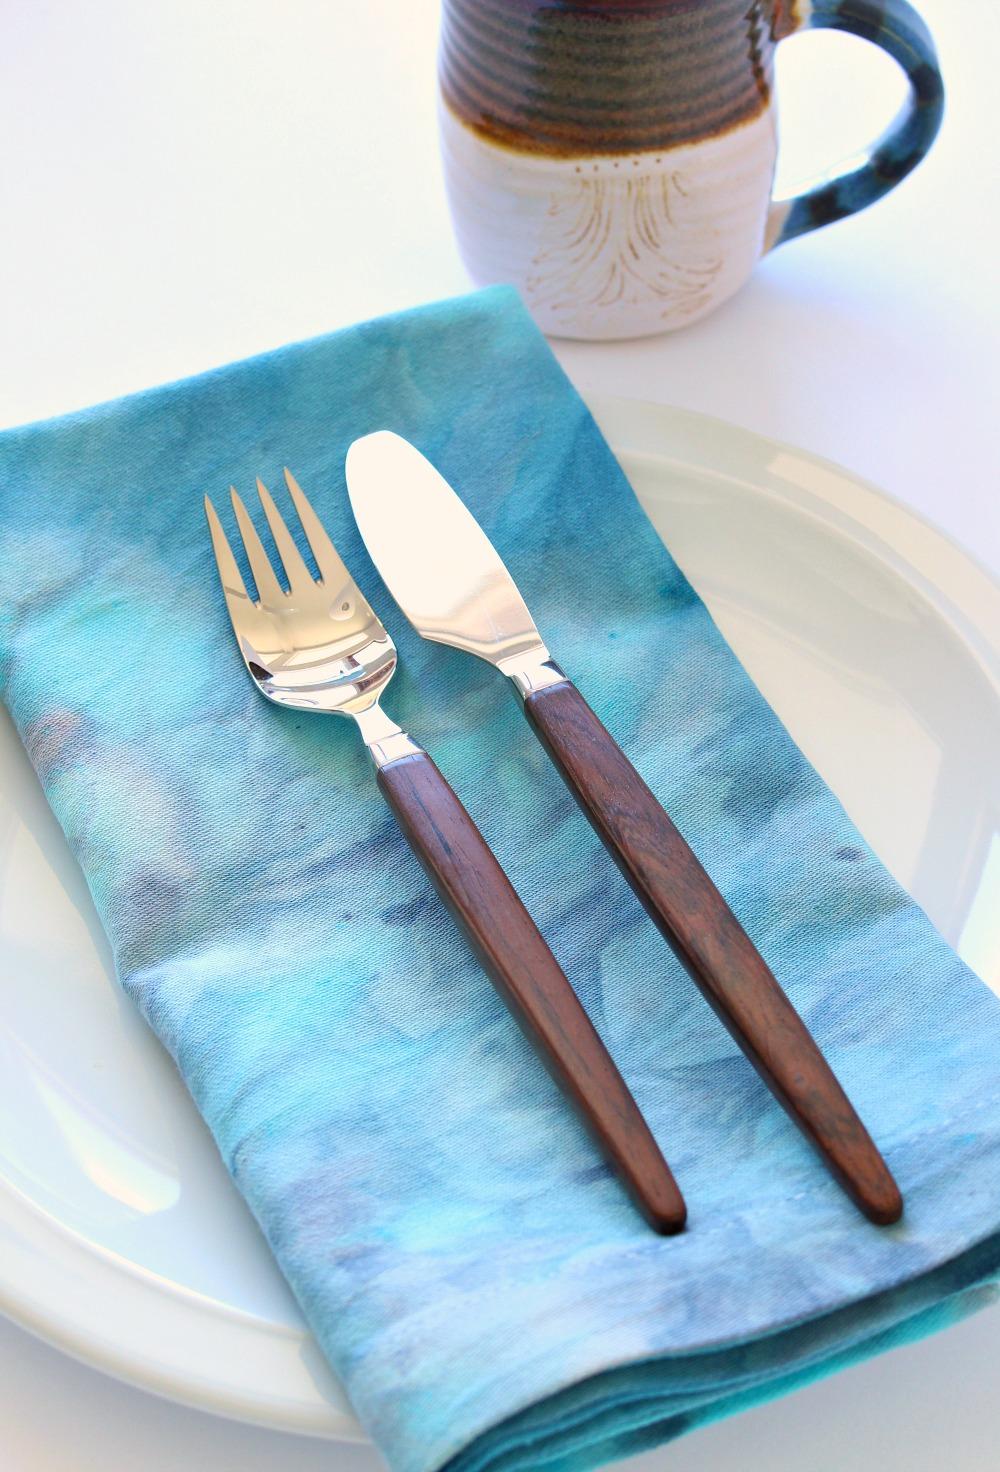 Blue and Grey Ice Dyed Napkin | @danslelakehouse